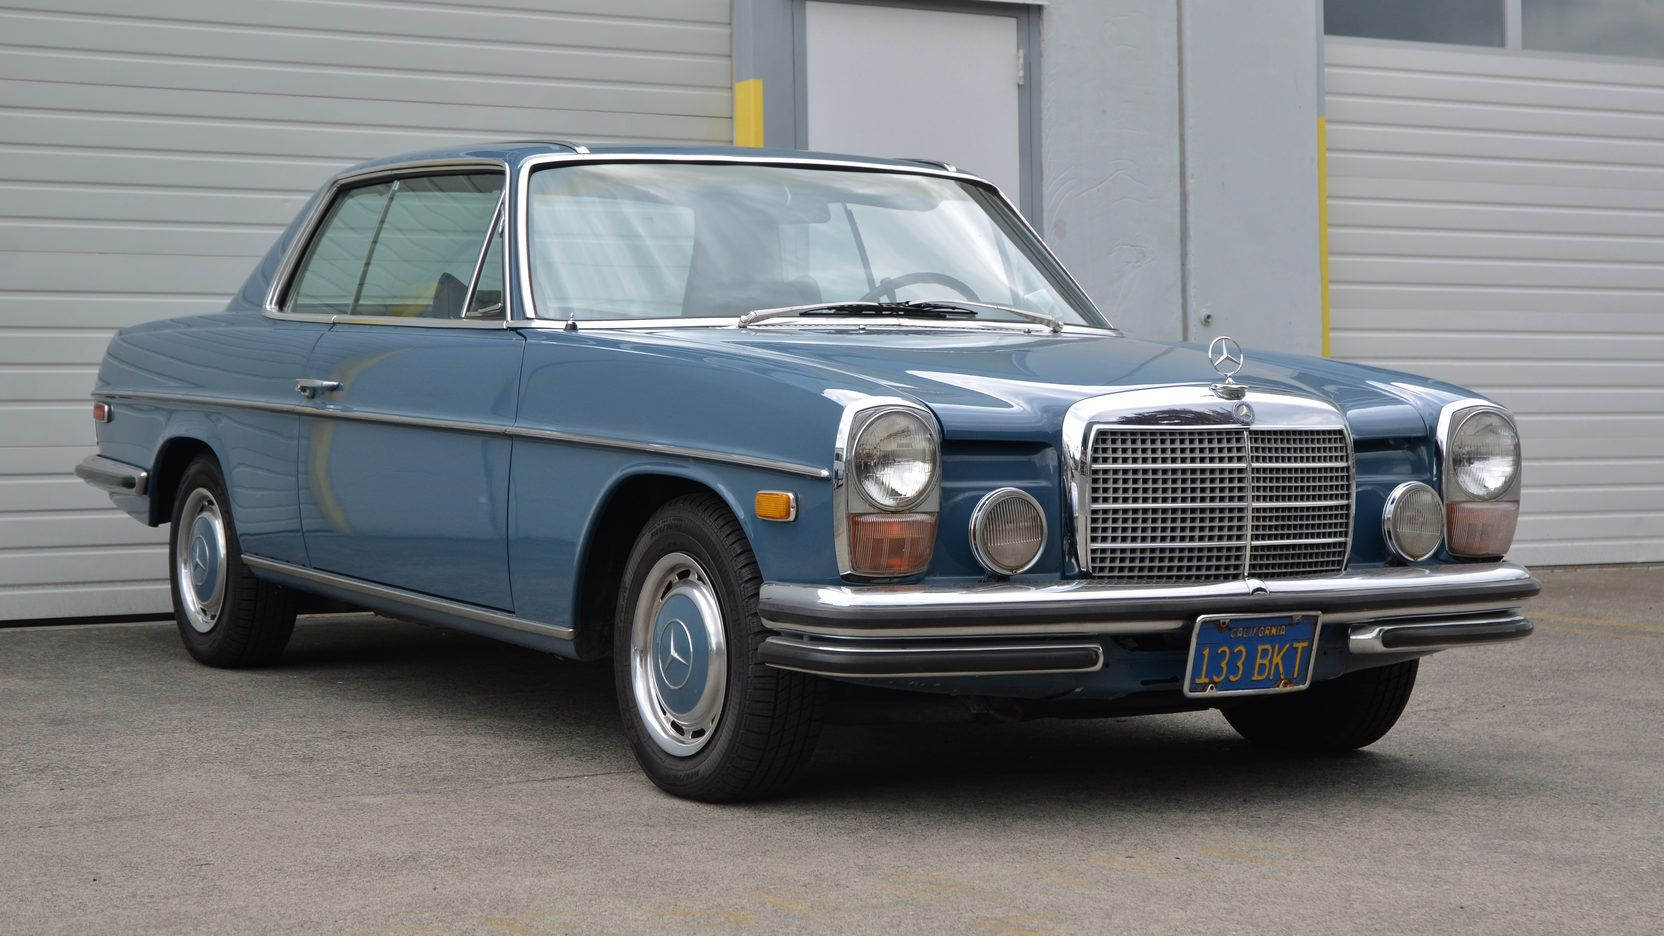 1970 Mercedes Benz 250c 2 8l Automatic Lot S40 Portland 2016 Mecum Auctions Mercedes Benz Mercedes Mercedes Benz Classic